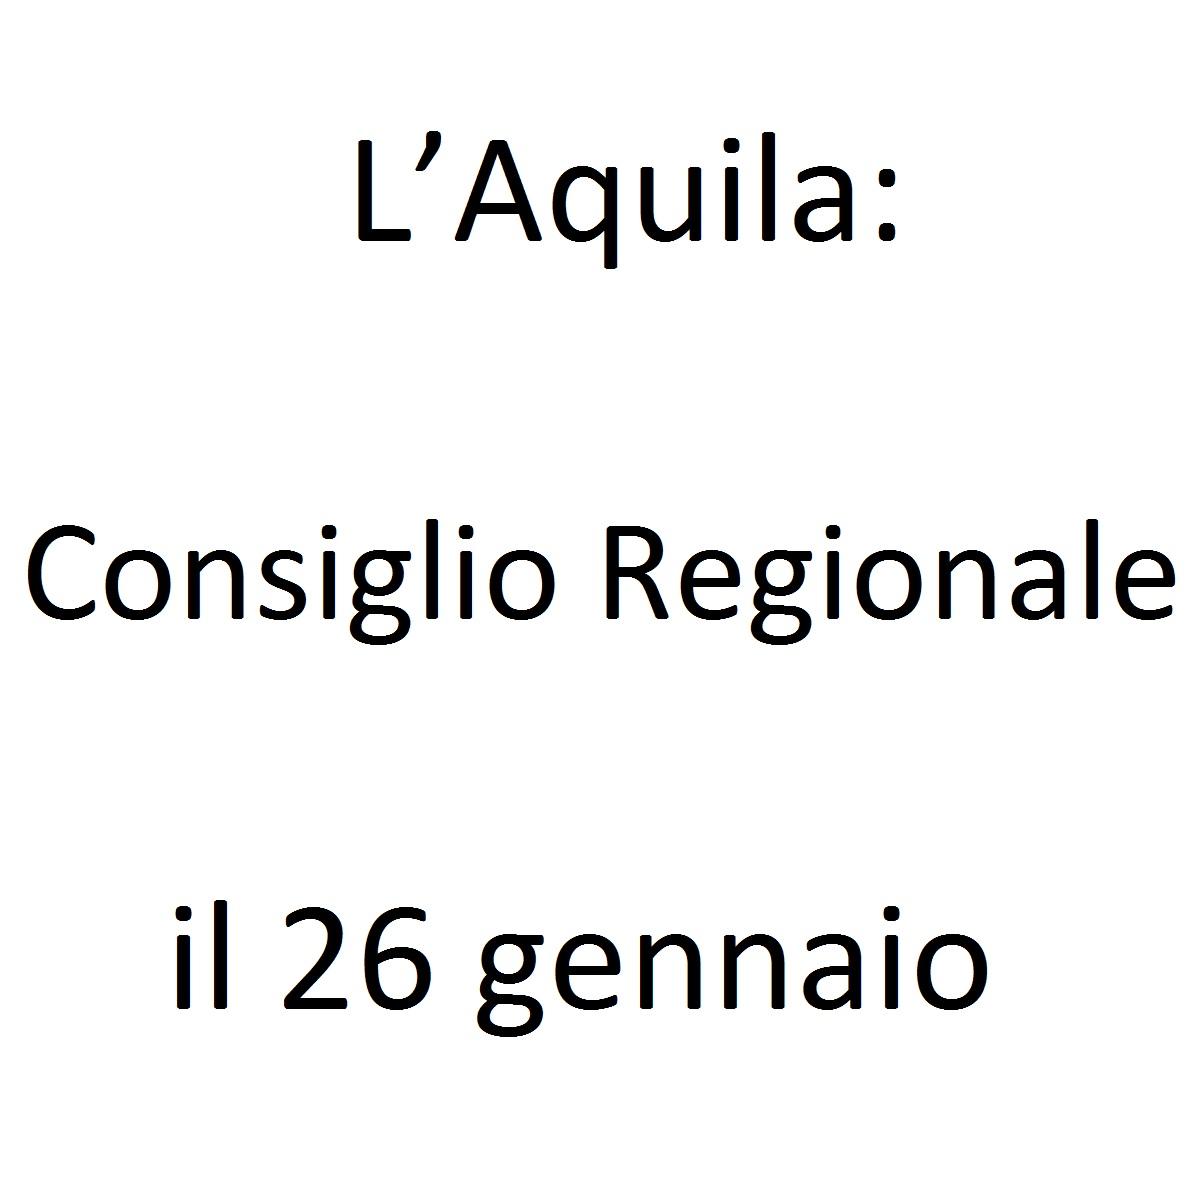 L'Aquila Consiglio Regionale il 26 gennaio 2020 foto